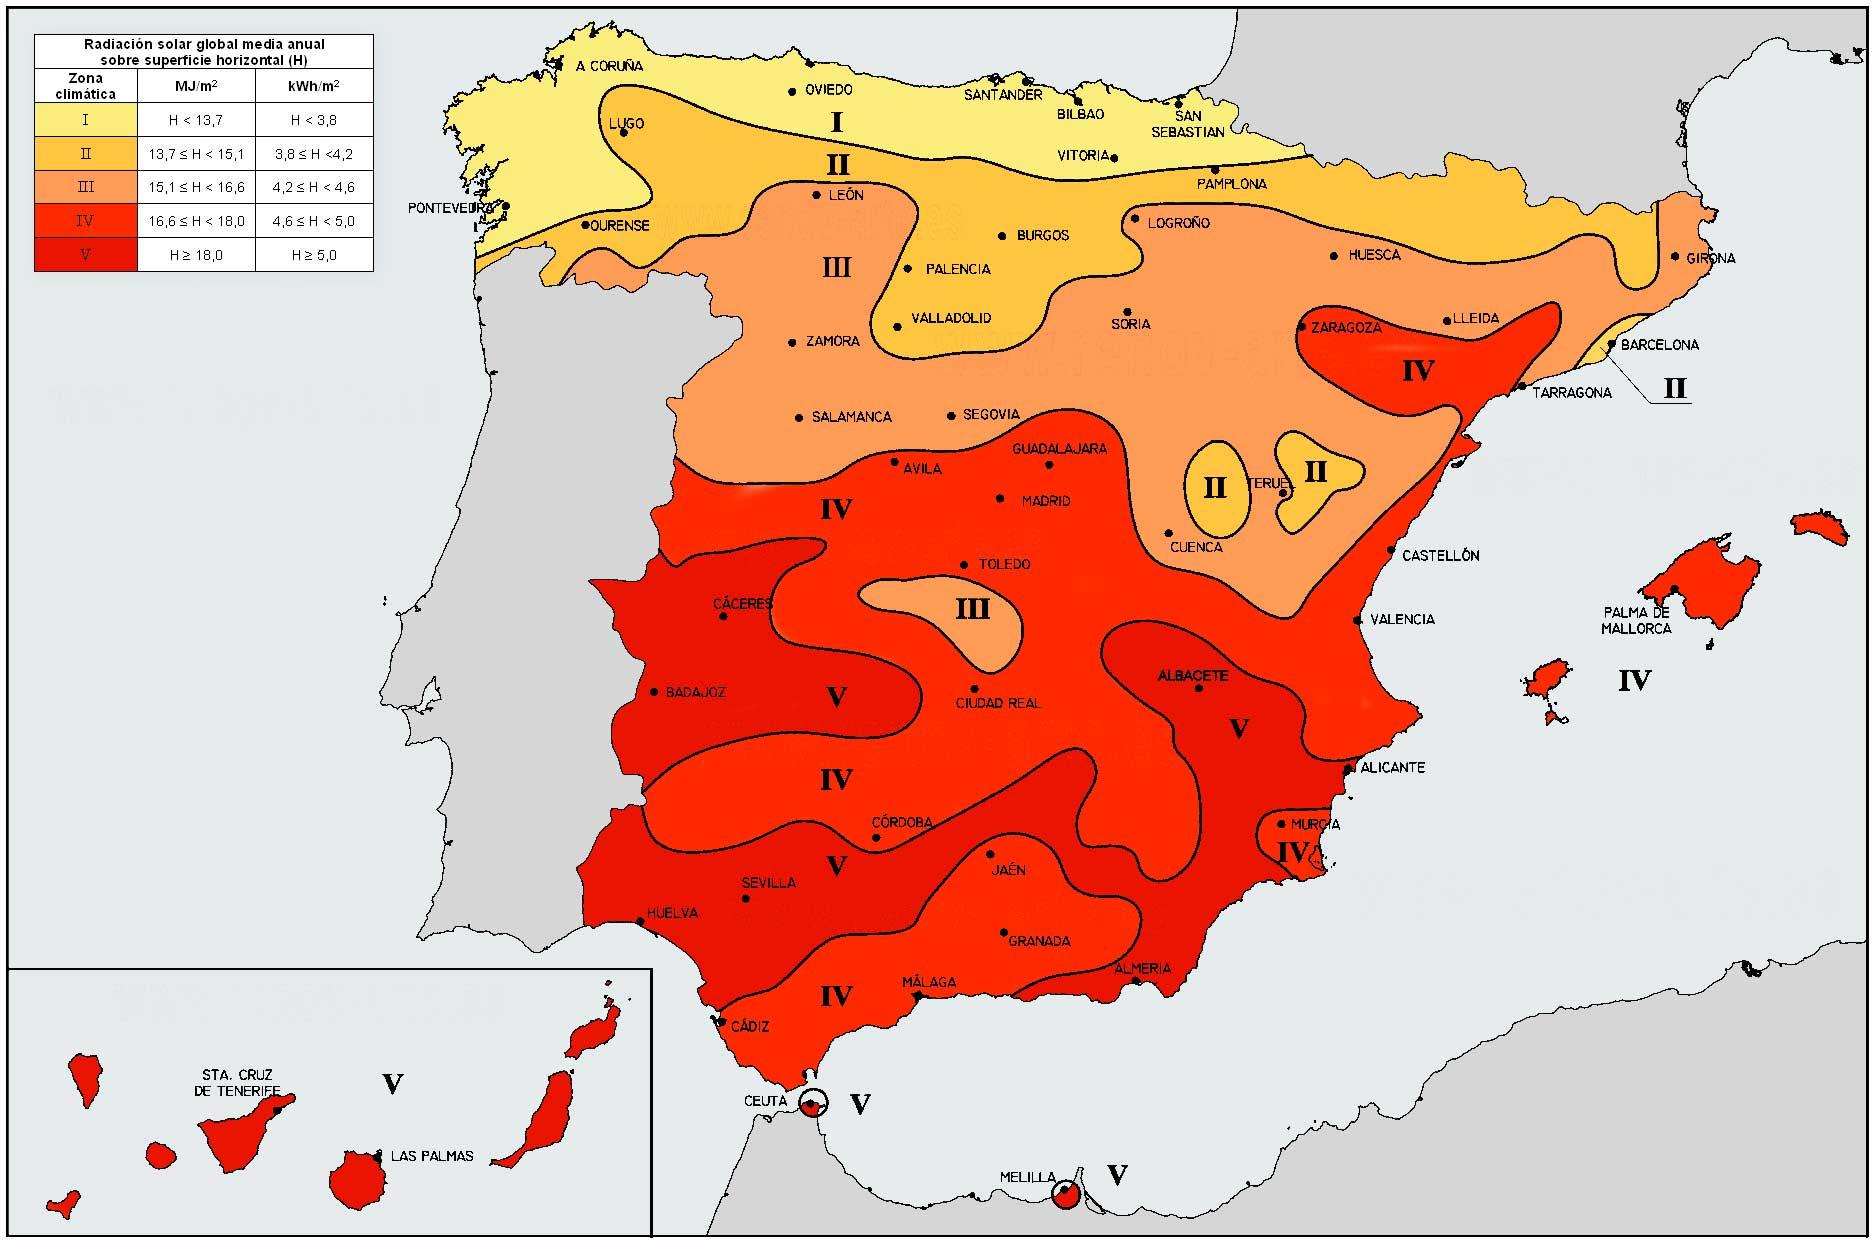 Mapa_Radiación_Solar